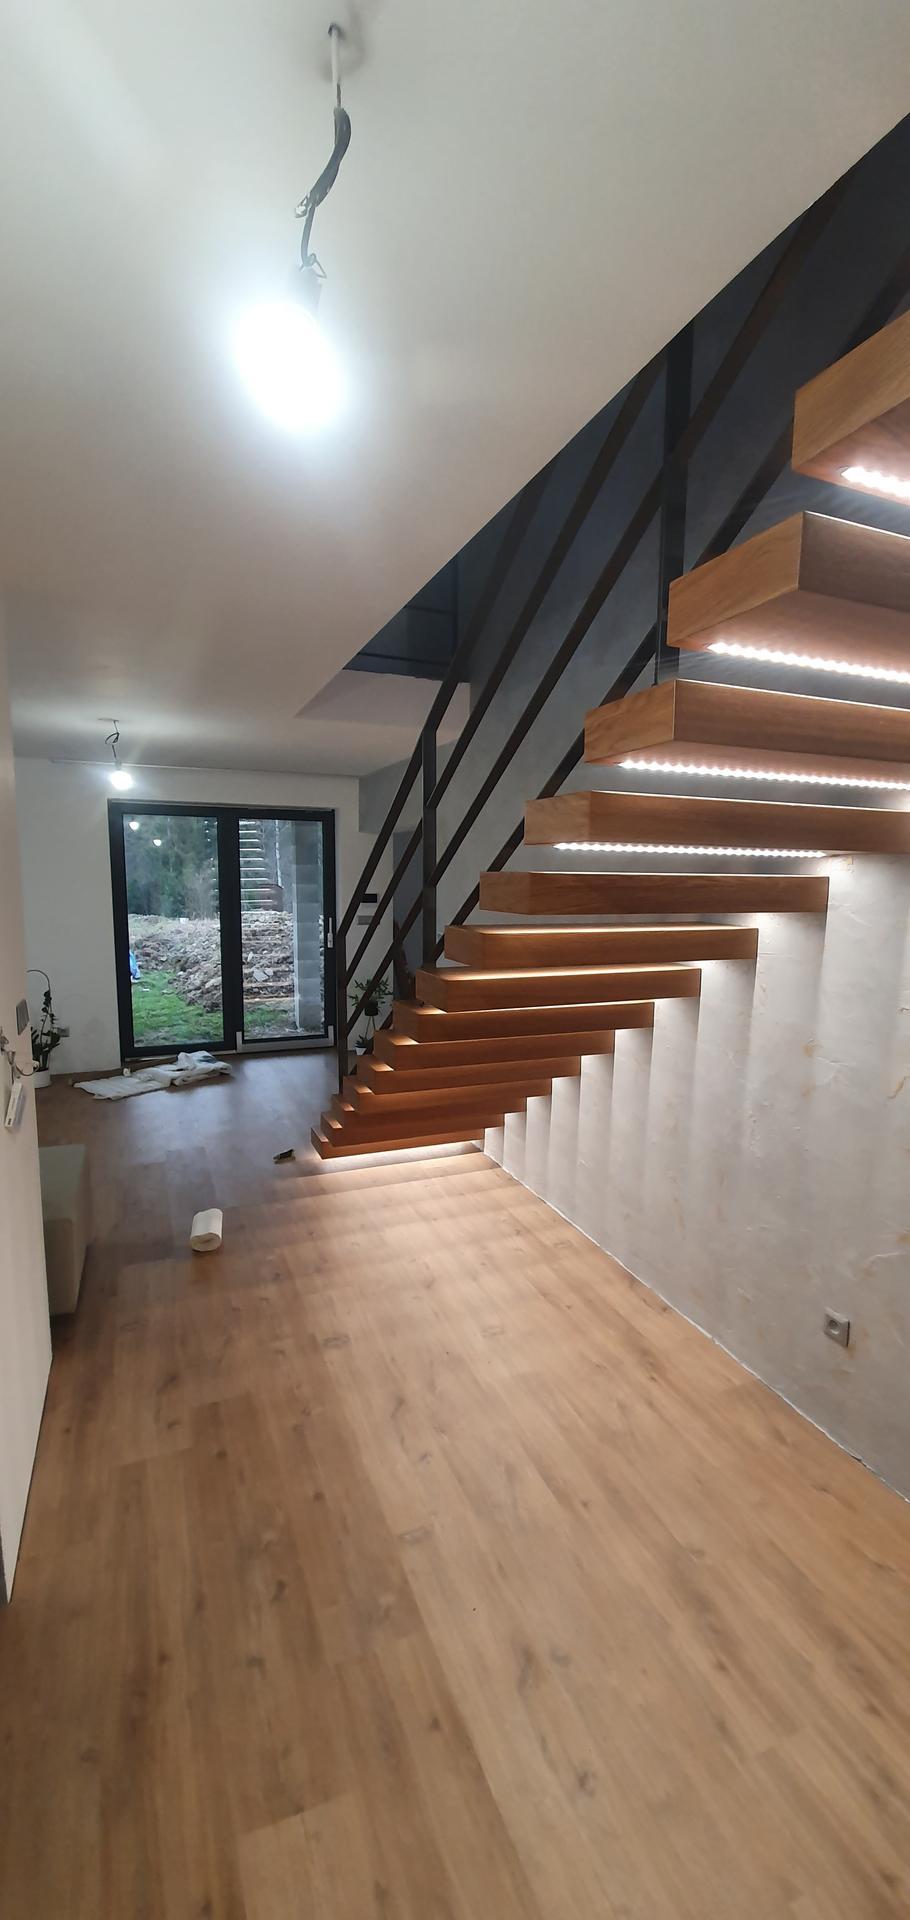 Konzolove schodisko (samonosne schody) - Obrázok č. 45